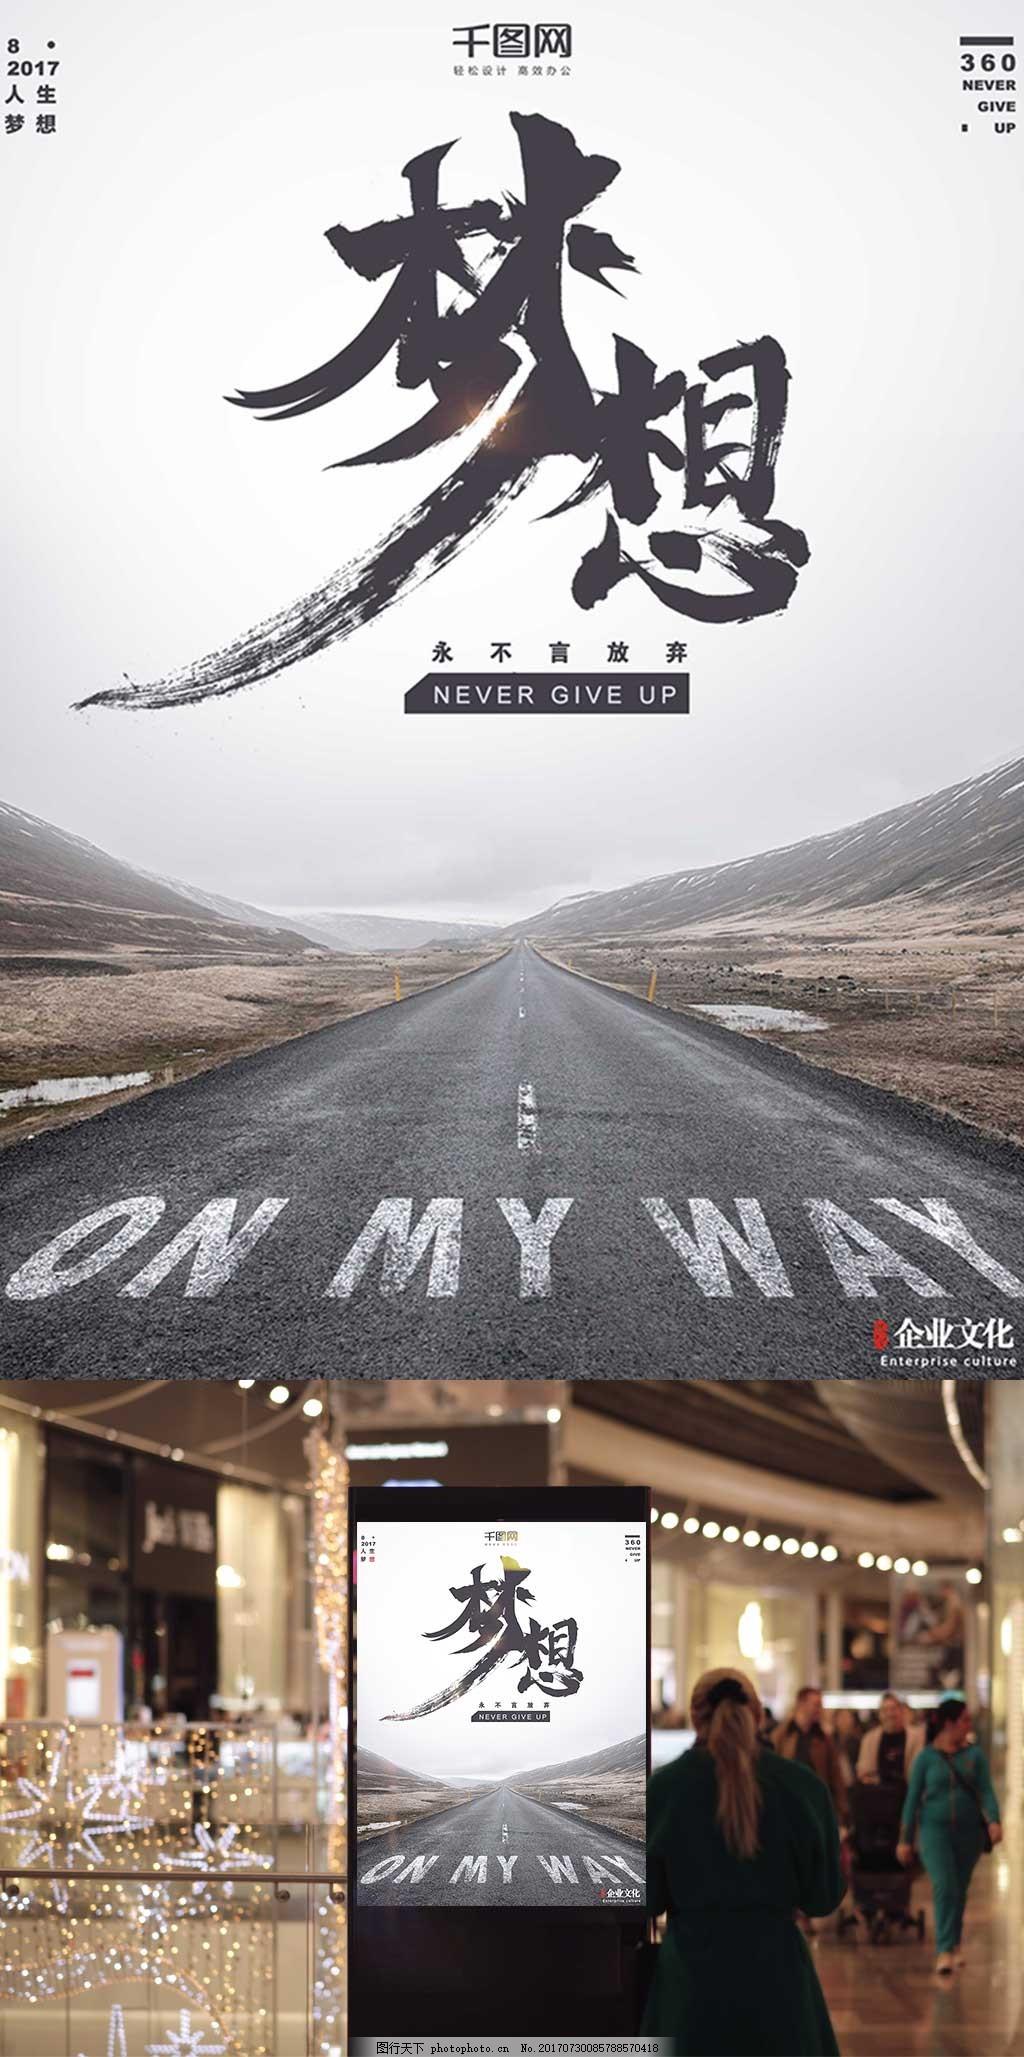 企业文化梦想马路个性励志宣传海报设计 企业形象 青春 校园文化